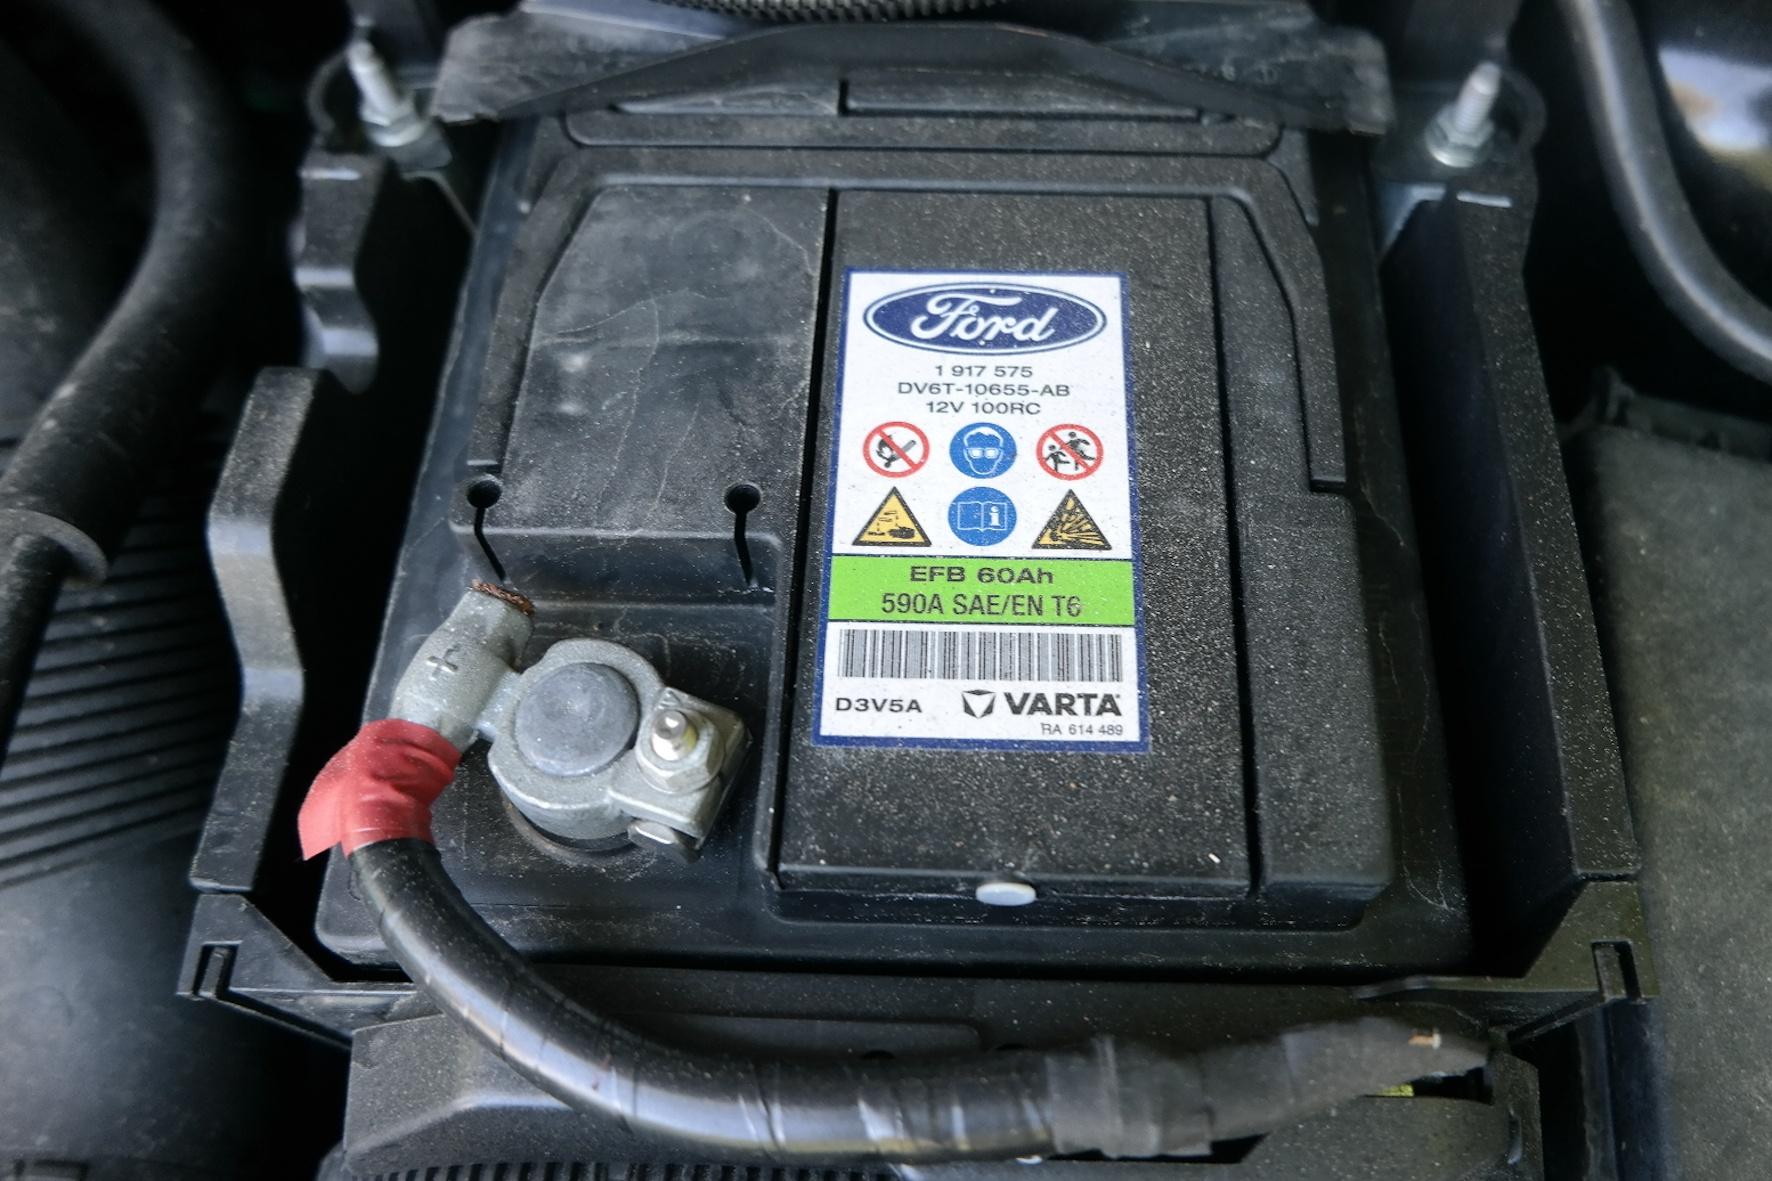 Test: Autobatterien oftmals nicht mehr in gutem Zustand